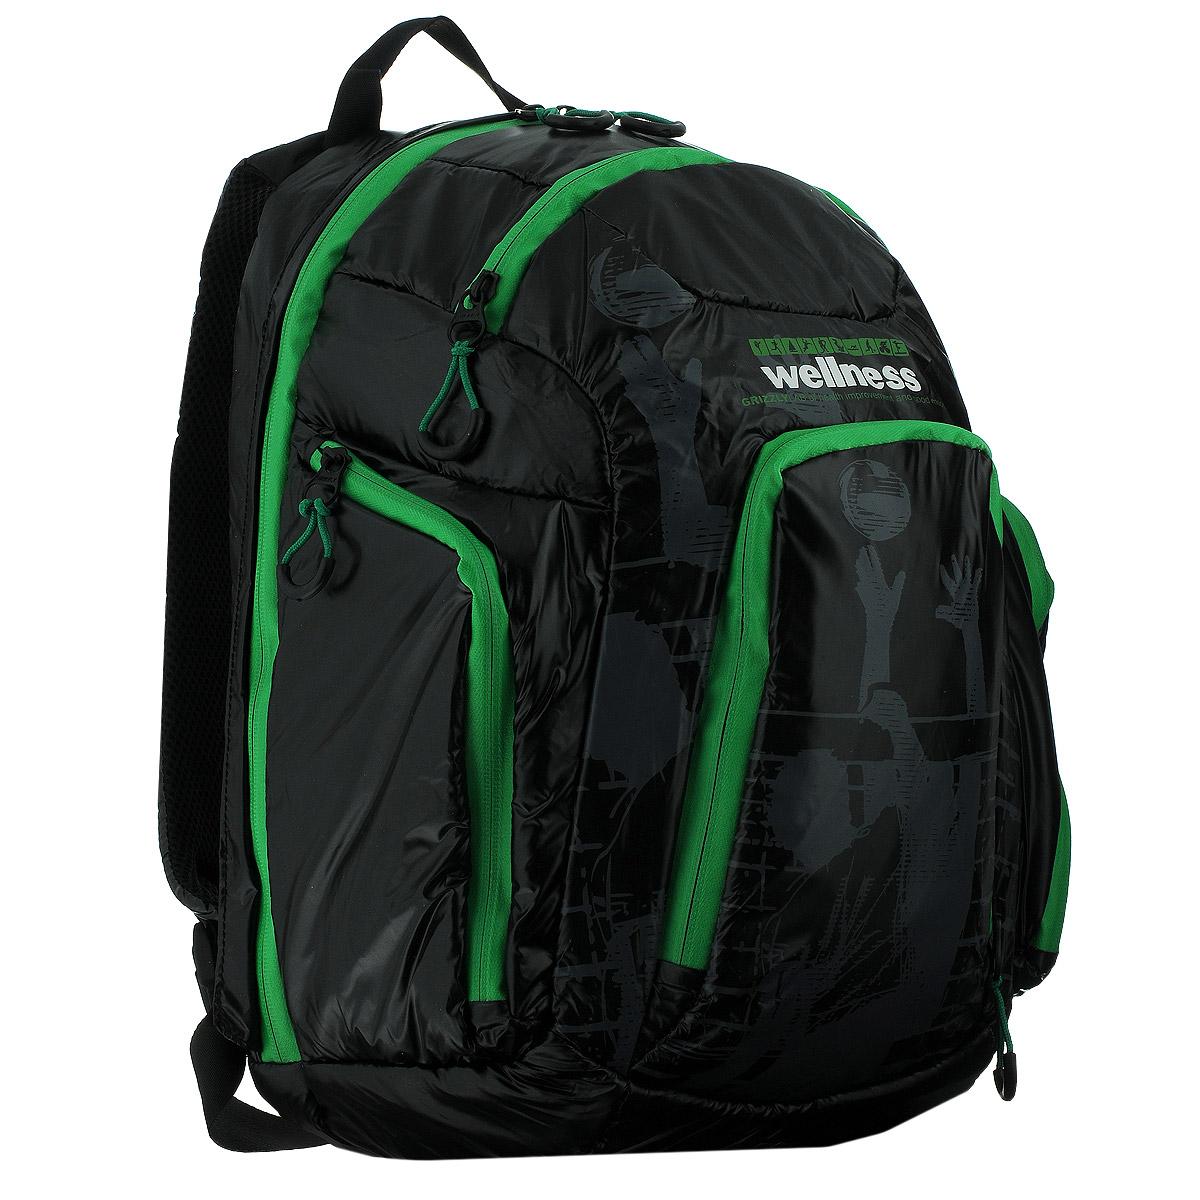 Рюкзак молодежный Grizzly, цвет: черный, зеленый. RU-417-1BP-303 BKСтильный молодежный рюкзак Grizzly выполнен из нейлона черного цвета и оформлен оригинальным принтом. Рюкзак оснащен одним большим отделением, закрывающимся на застежку-молнию. На передней стенке расположено 2 кармана, закрывающихся на застежки-молнии. По бокам 2 объемных кармана с застежками-молниями. Внутри расположен карман. Рюкзак оснащен лямками, мягкой спинкой и текстильной ручкой для удобной переноски.